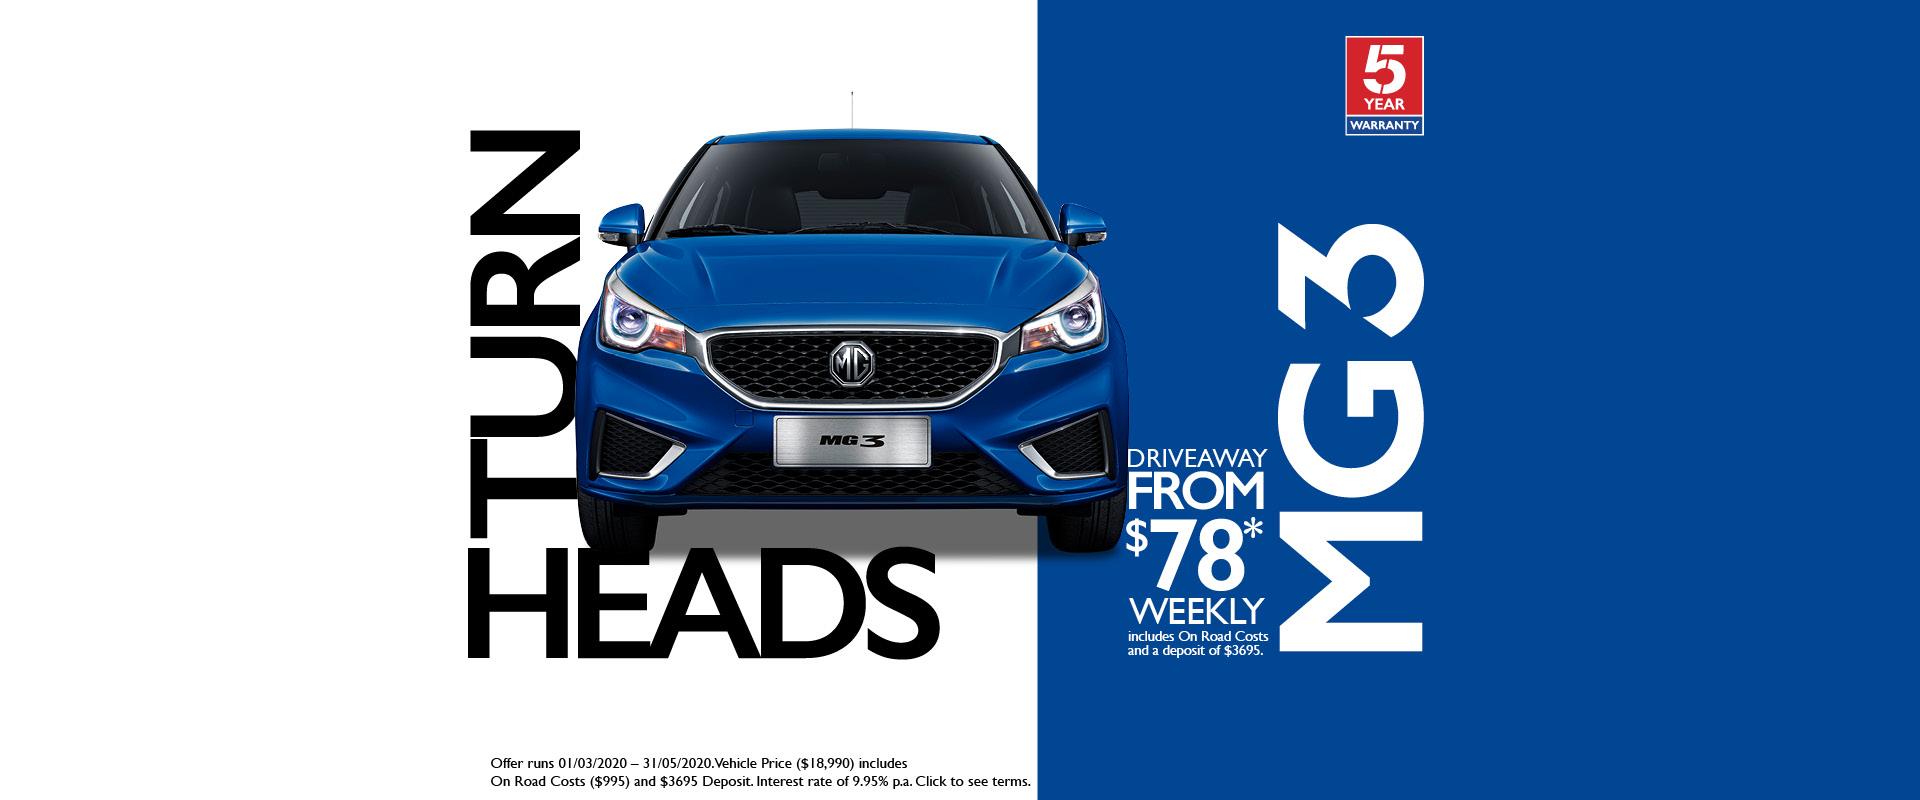 Turn Heads MG3